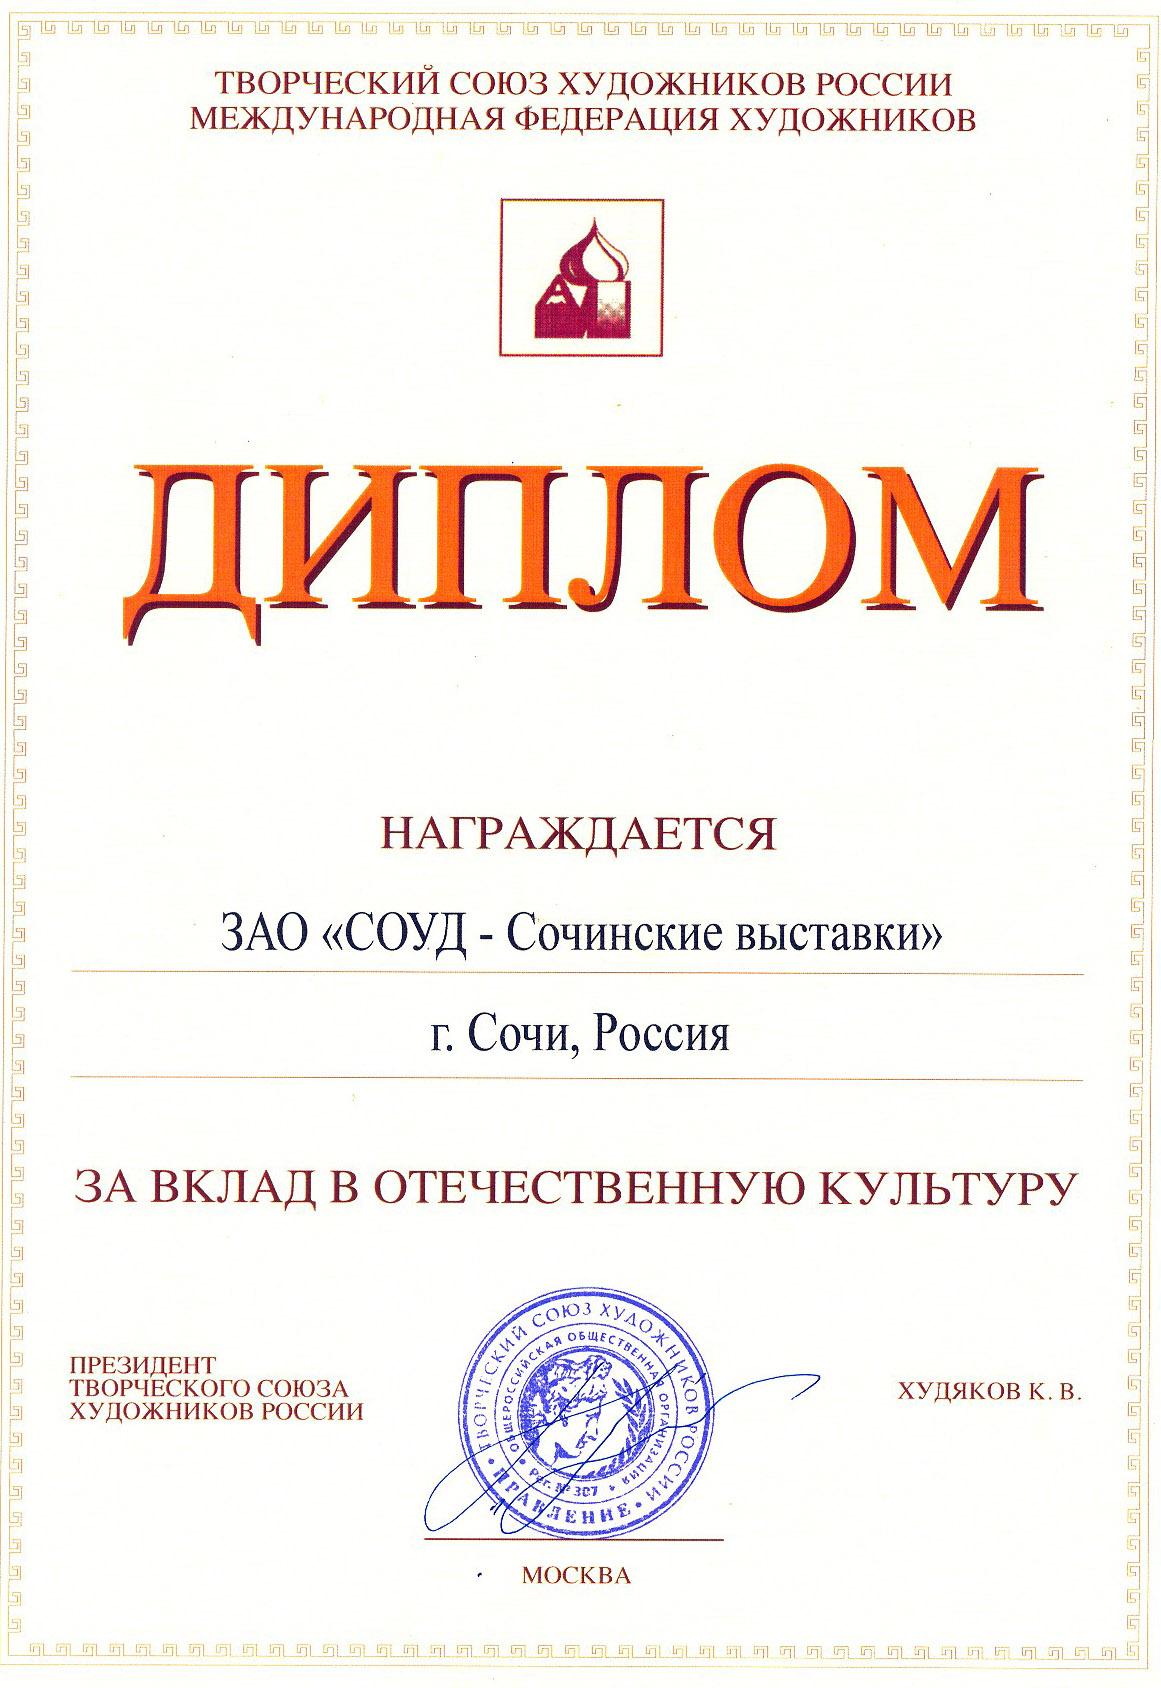 Участник выставки ДЕГТЯРЕНКО В П ИП пгт Красное на Волге Россия  Диплом Союза художников